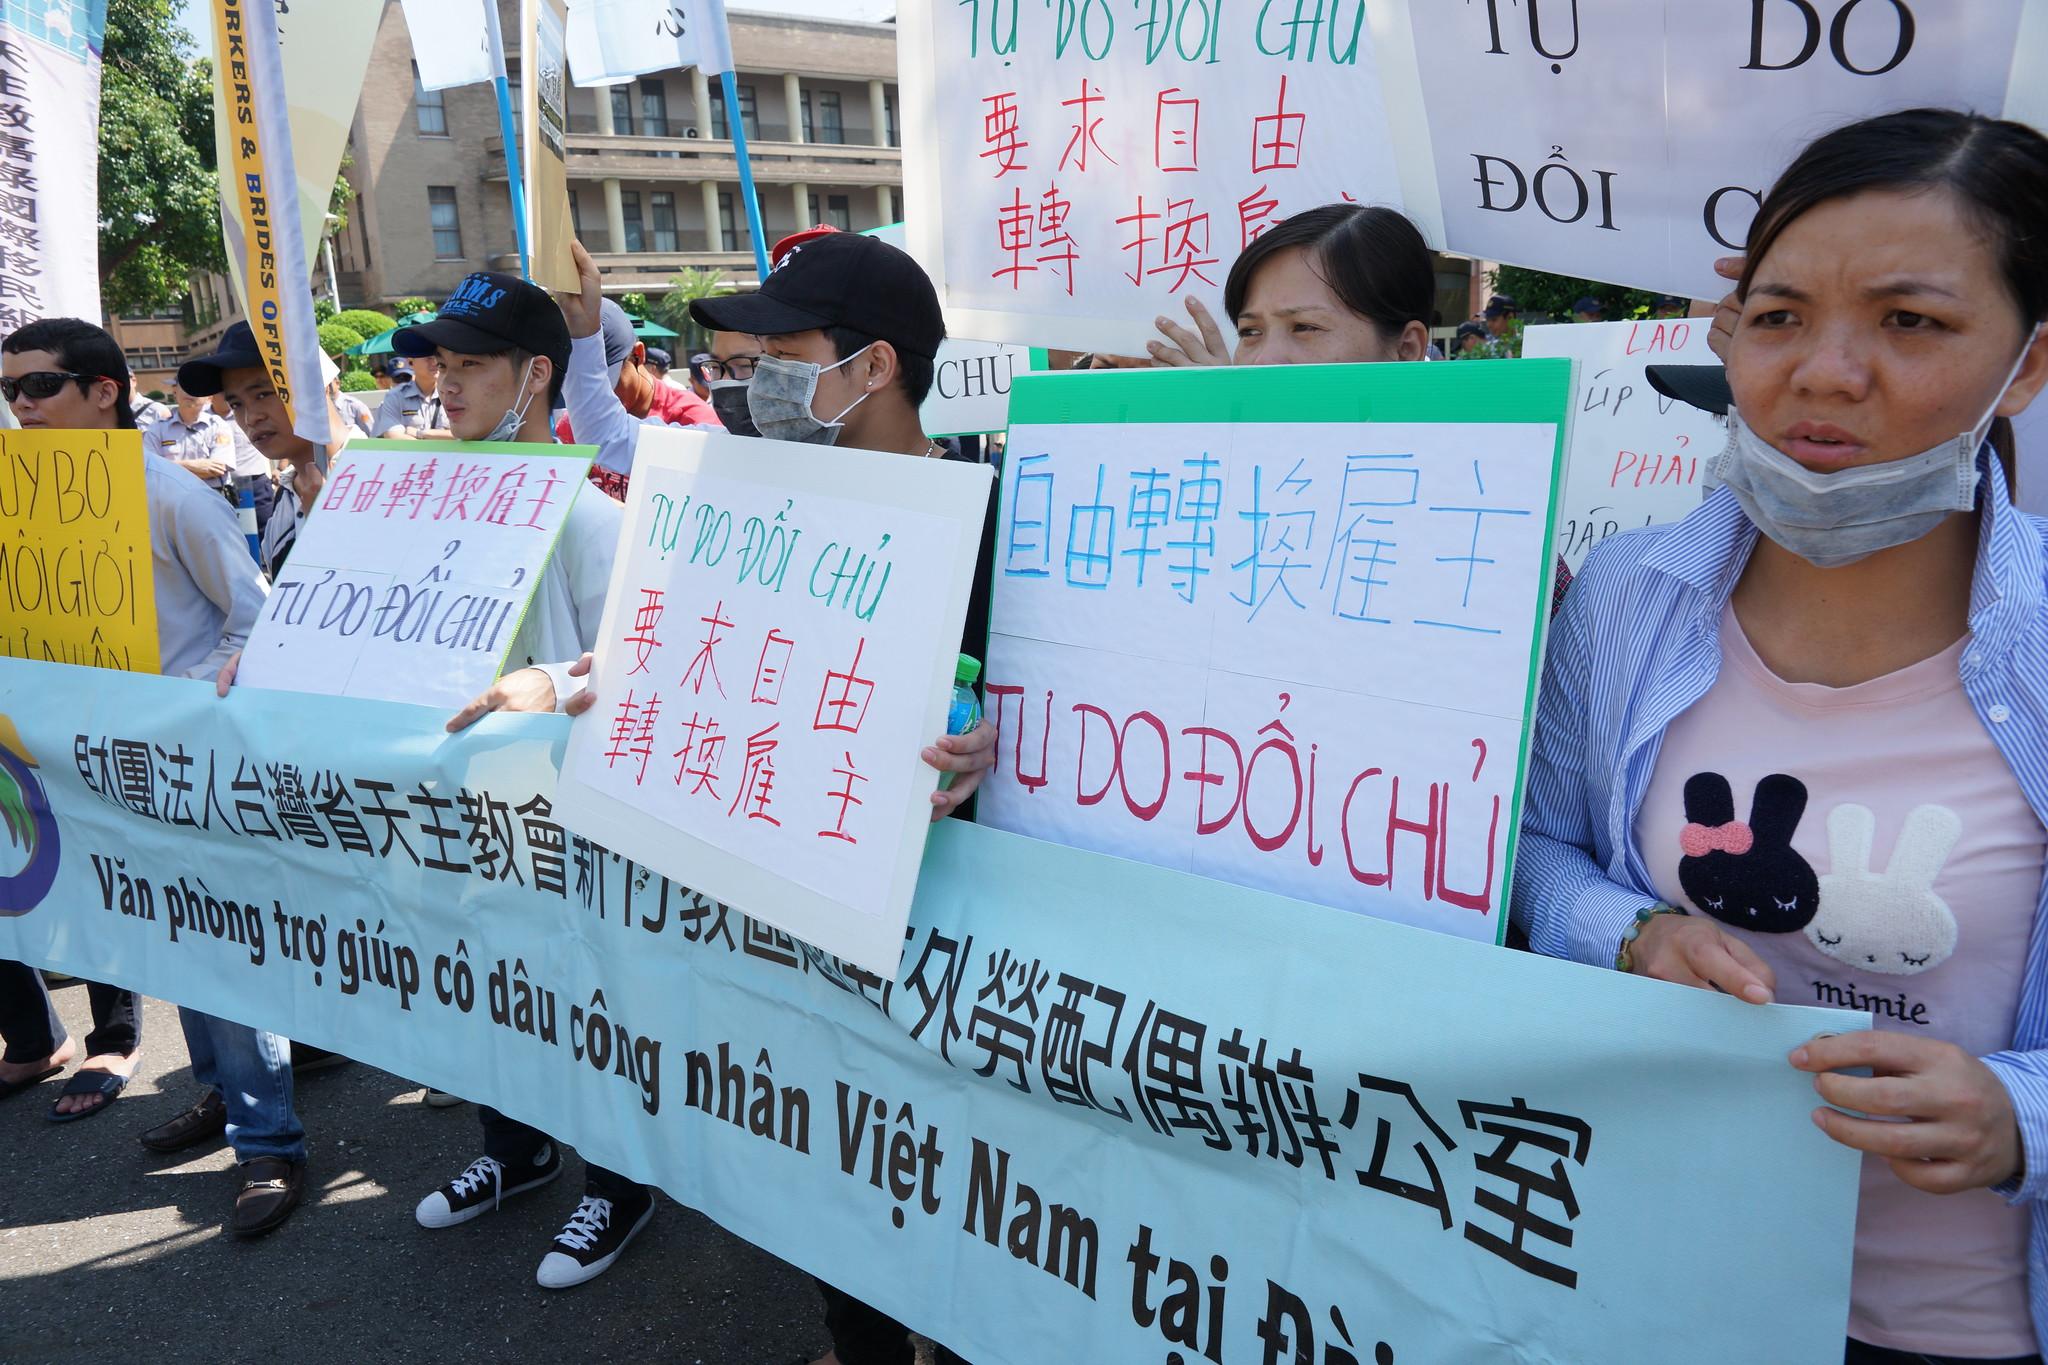 移工团体赴政院唿吁修改《就服法》。(摄影:王颢中)